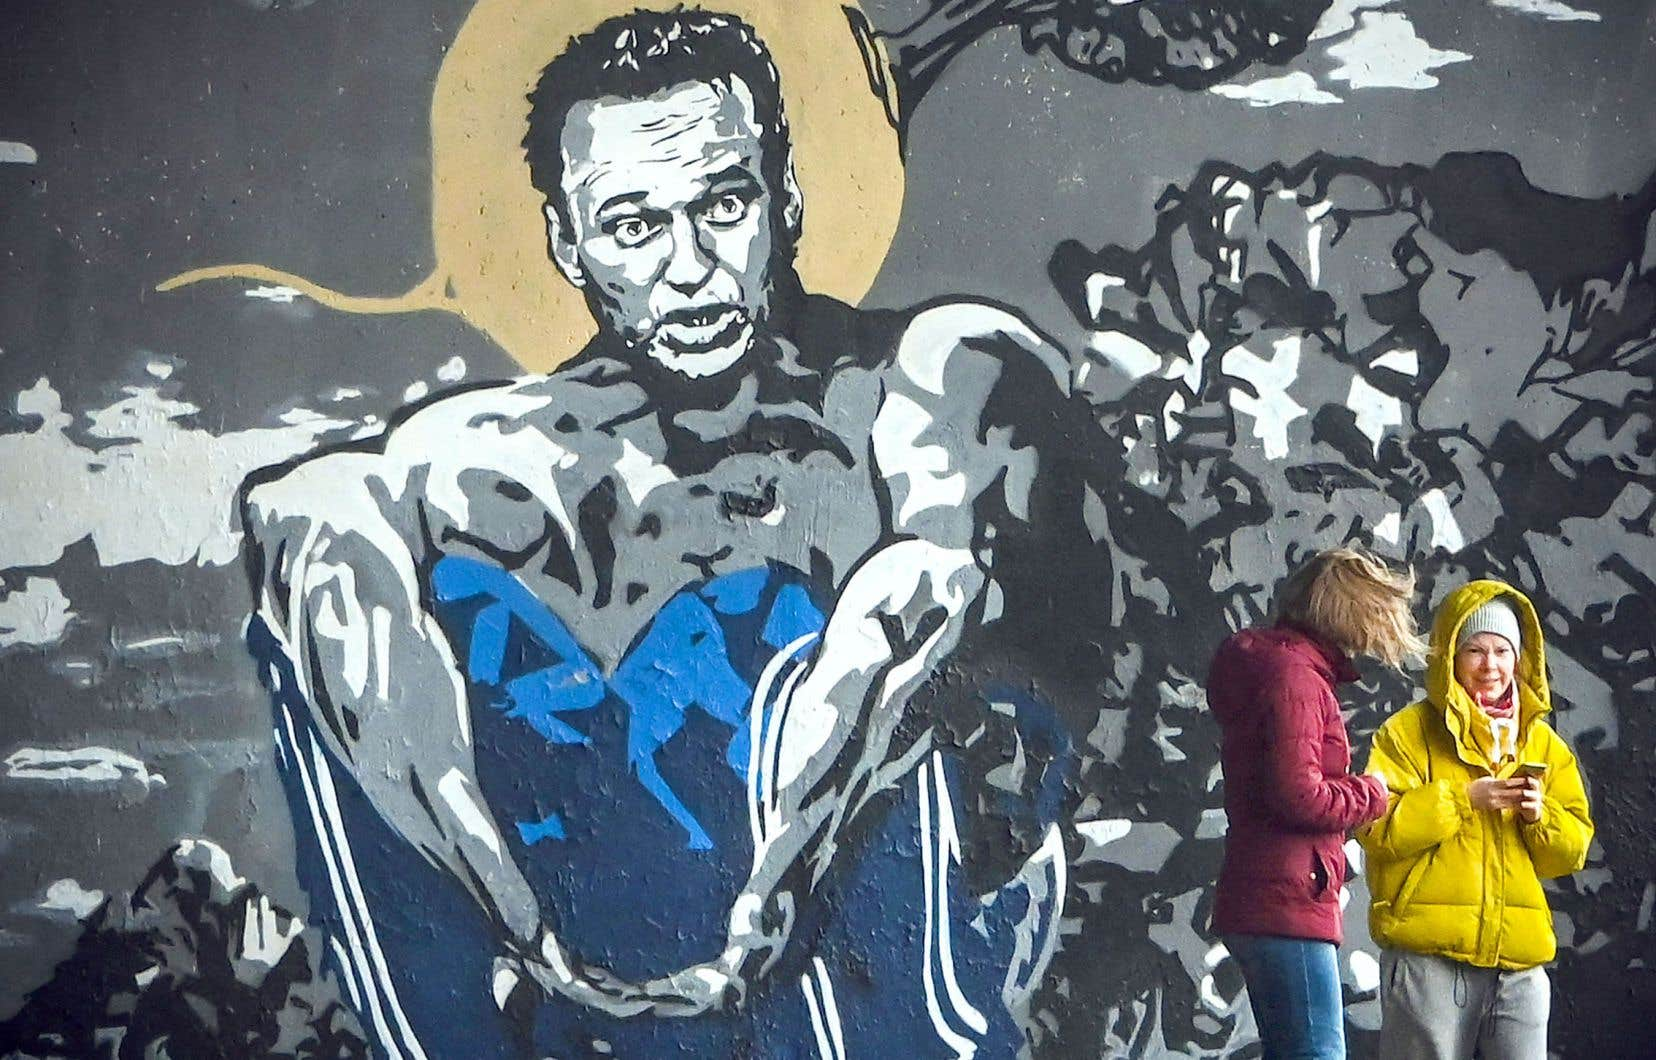 L'opposant russe, ici représenté dans une fresque d'Eva Busevich, a arrêté de s'alimenter le 31 mars pour protester contre ses mauvaises conditions de détention. Des médecins craignent qu'il ne fasse rapidement un arrêt cardiaque.